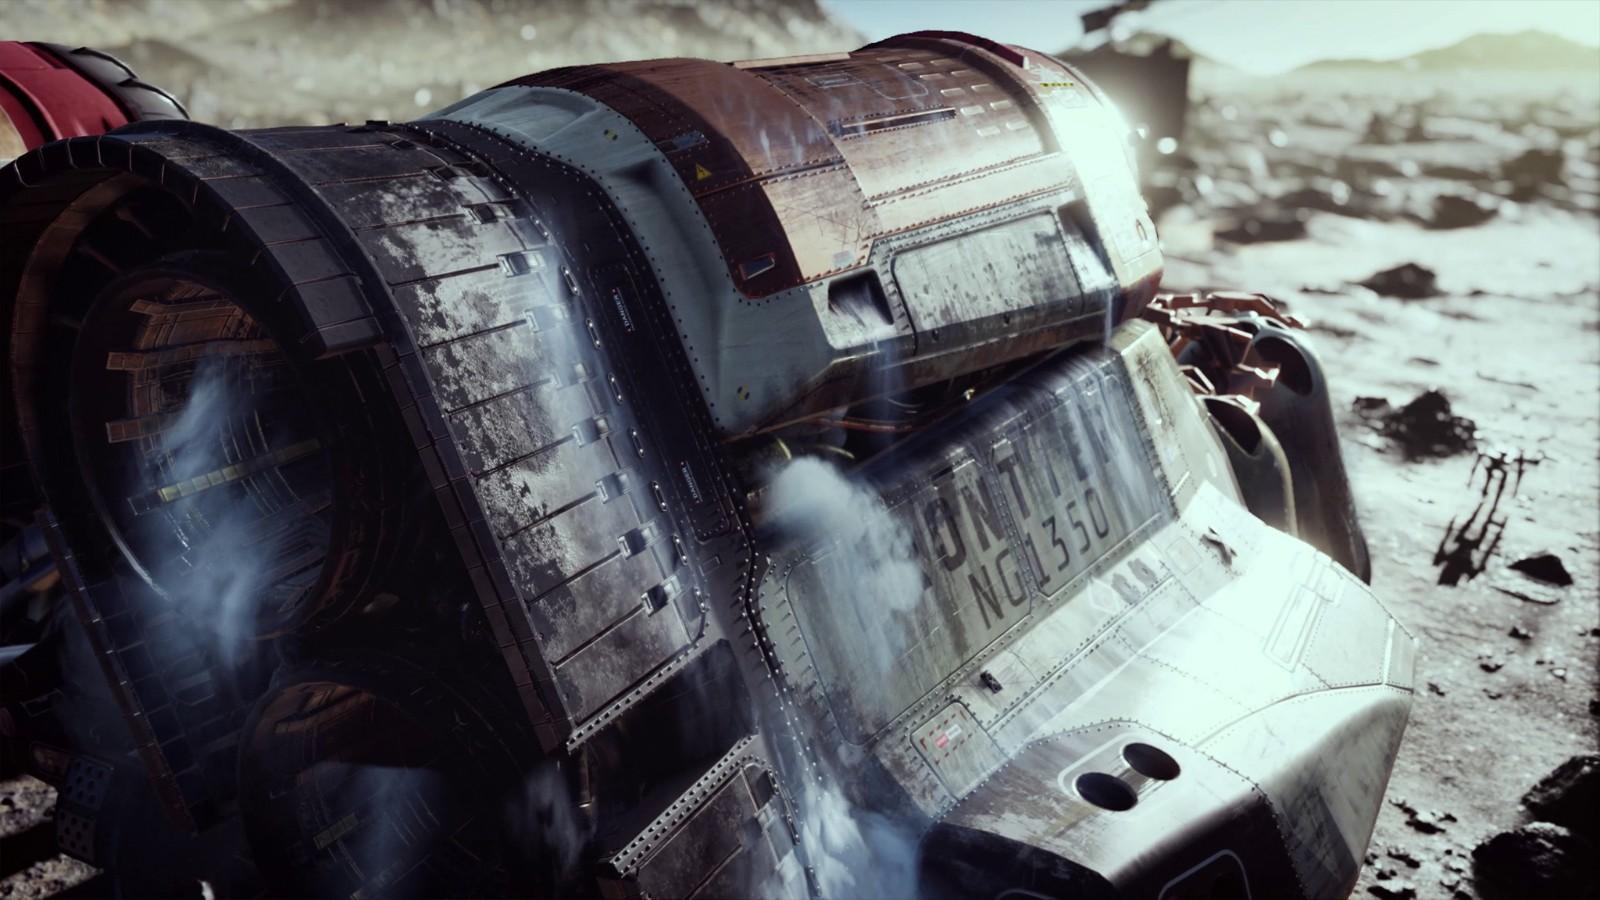 《星空》预告全为实机画面 未用任何电影相机工具